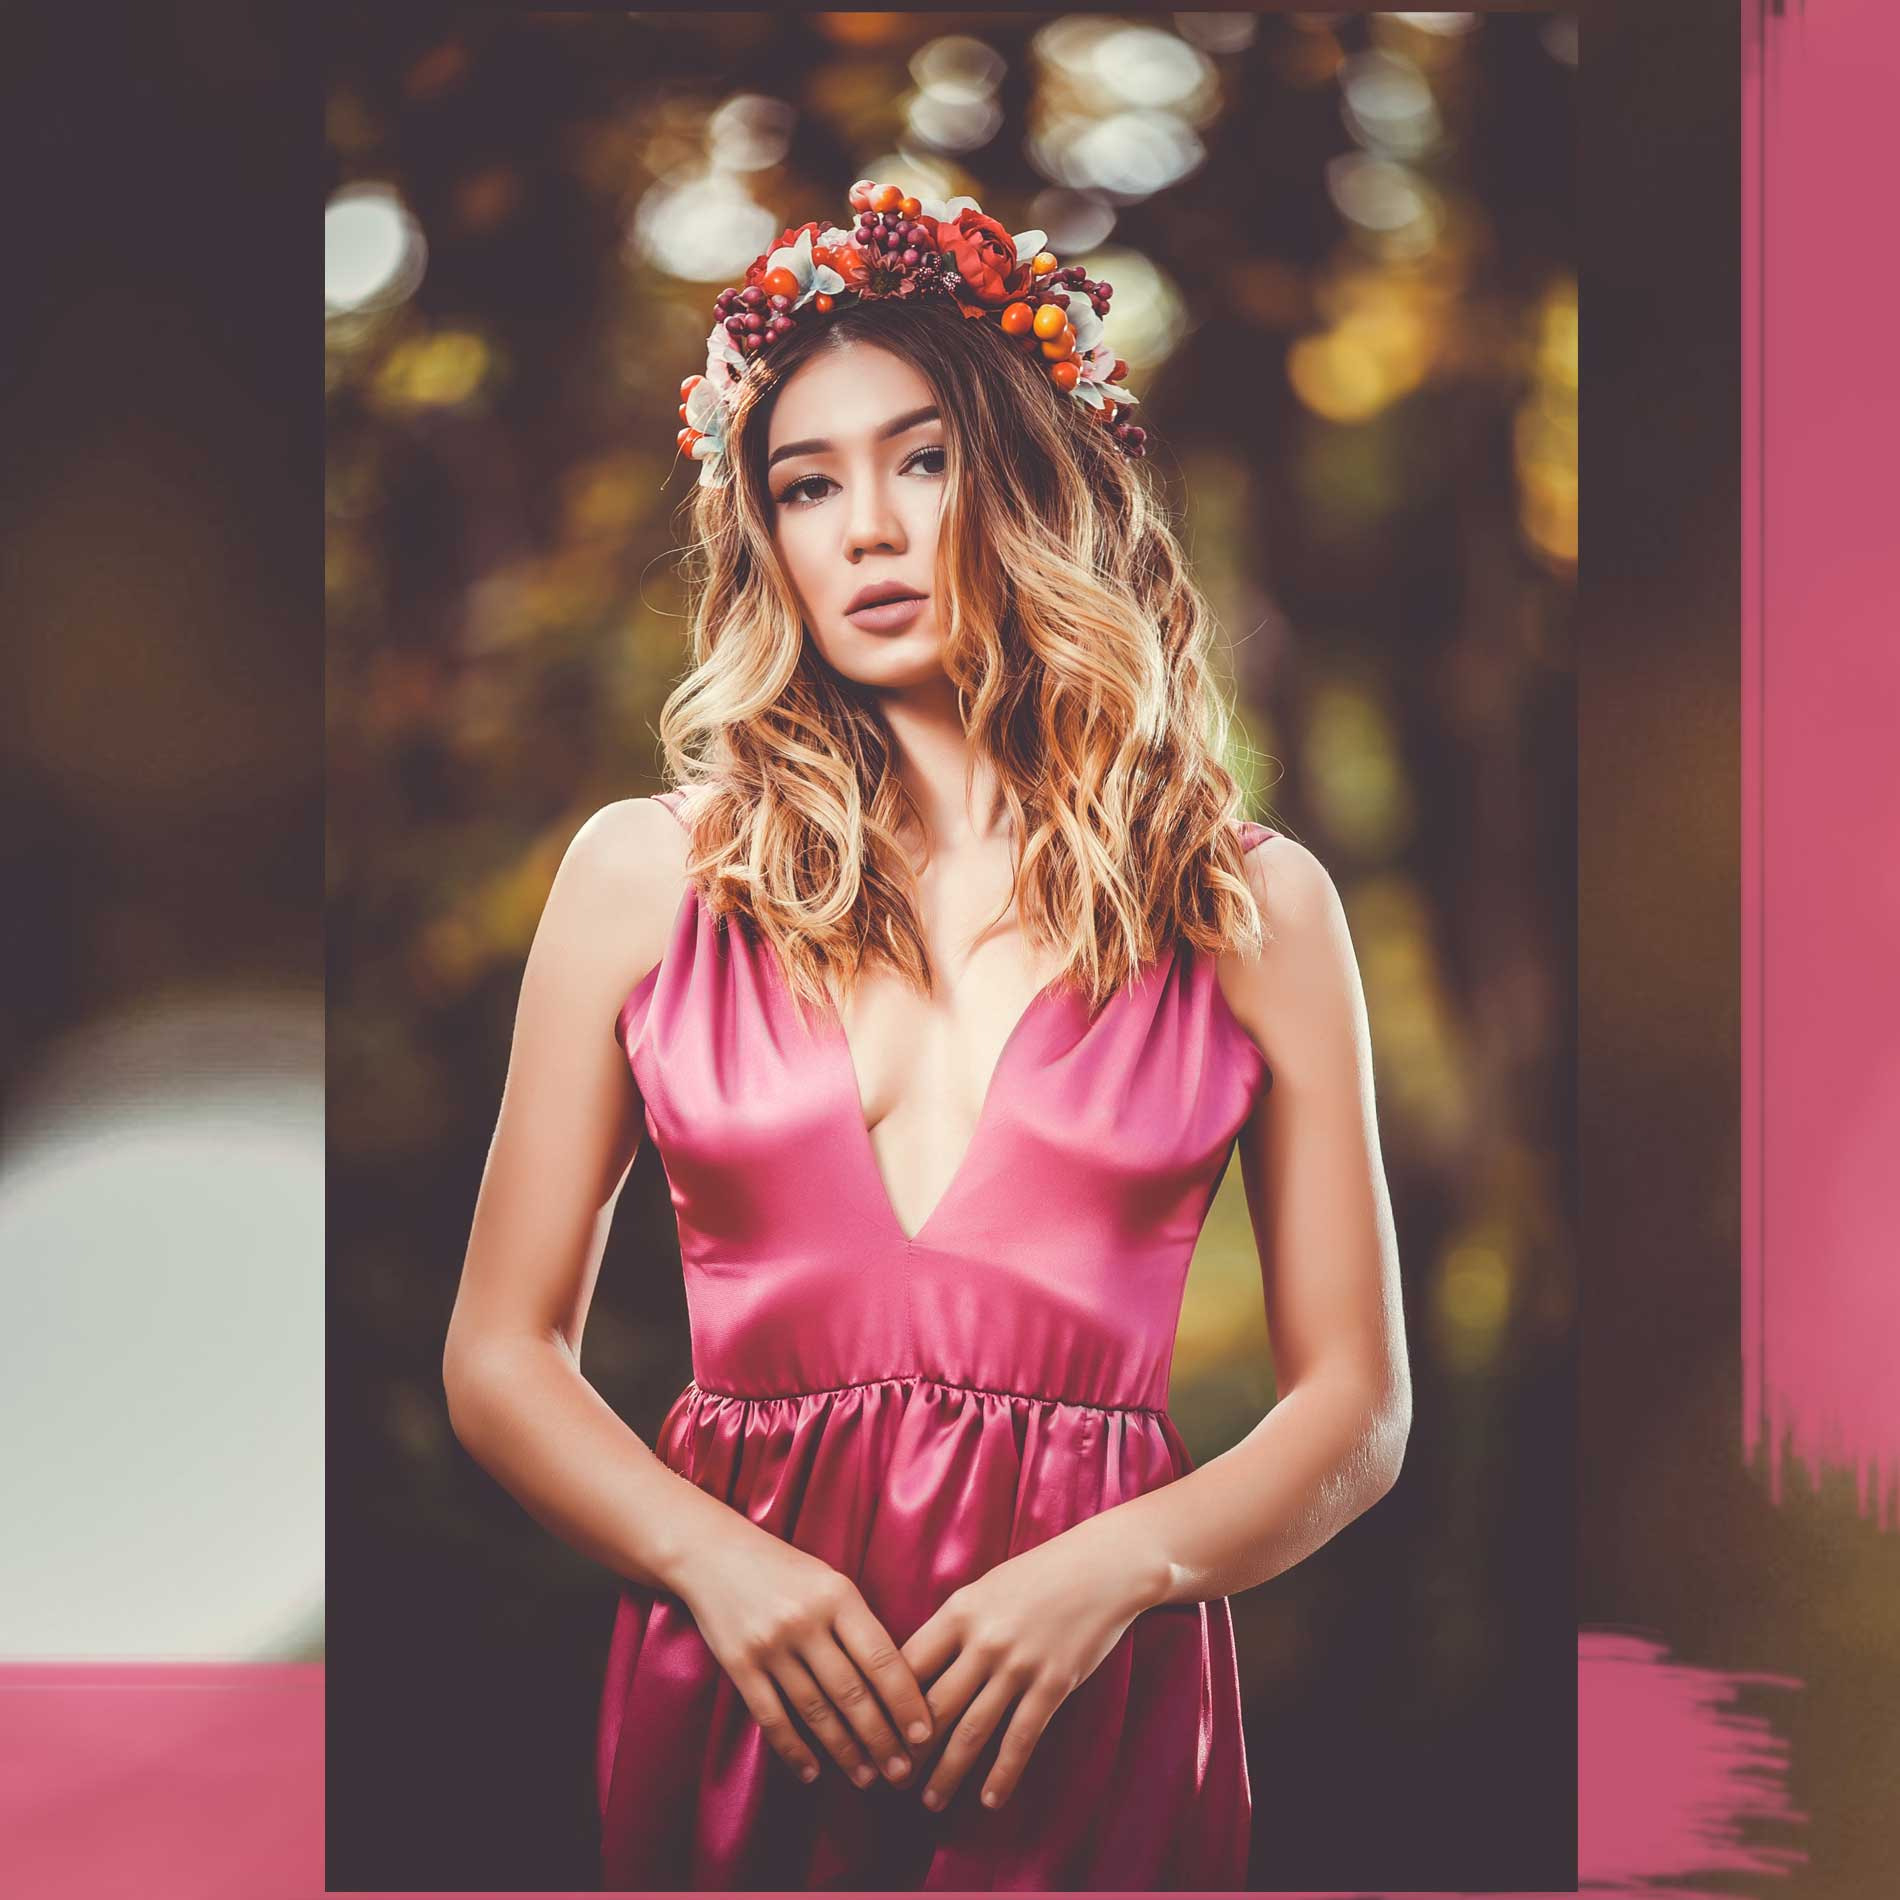 Hochzeitsgast-Outfit Für Eine Hochzeit Im Herbst: Die